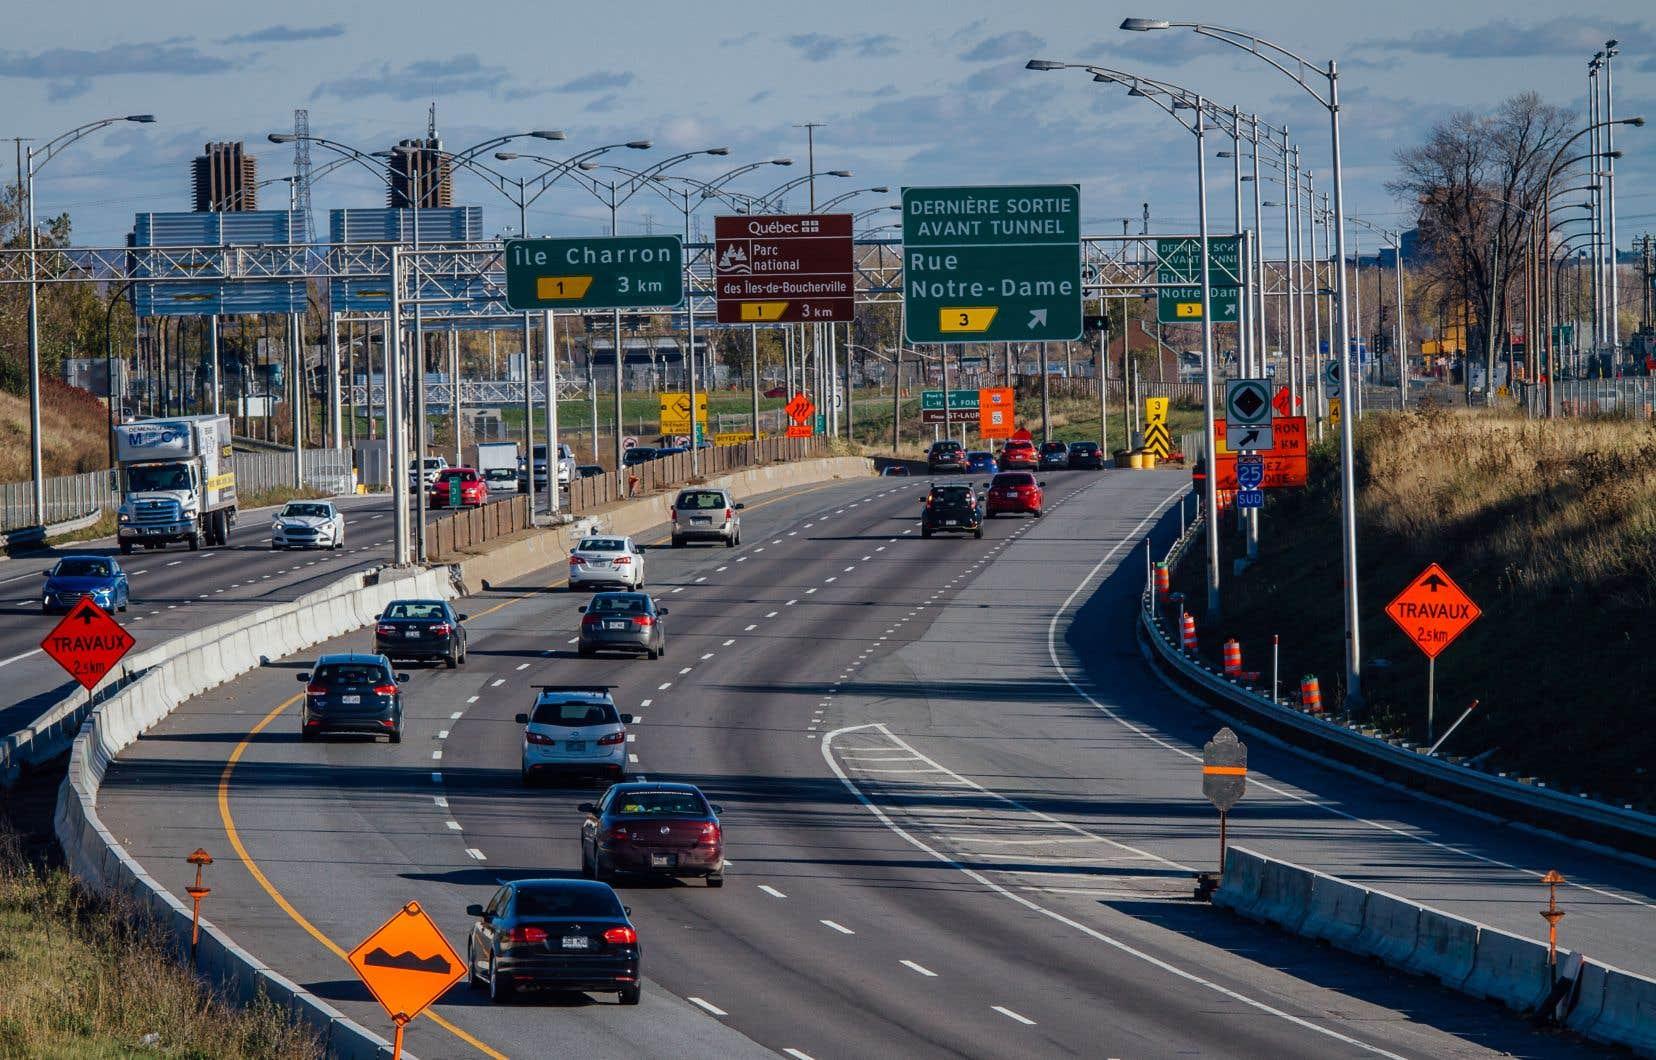 Les autoroutes 25 (sur la photo), 13, 20 440 et 660 de même que la route 116 pourraient être dotées d'une voie réservée pour le covoiturage et les autobus dans les couronnes de Montréal.